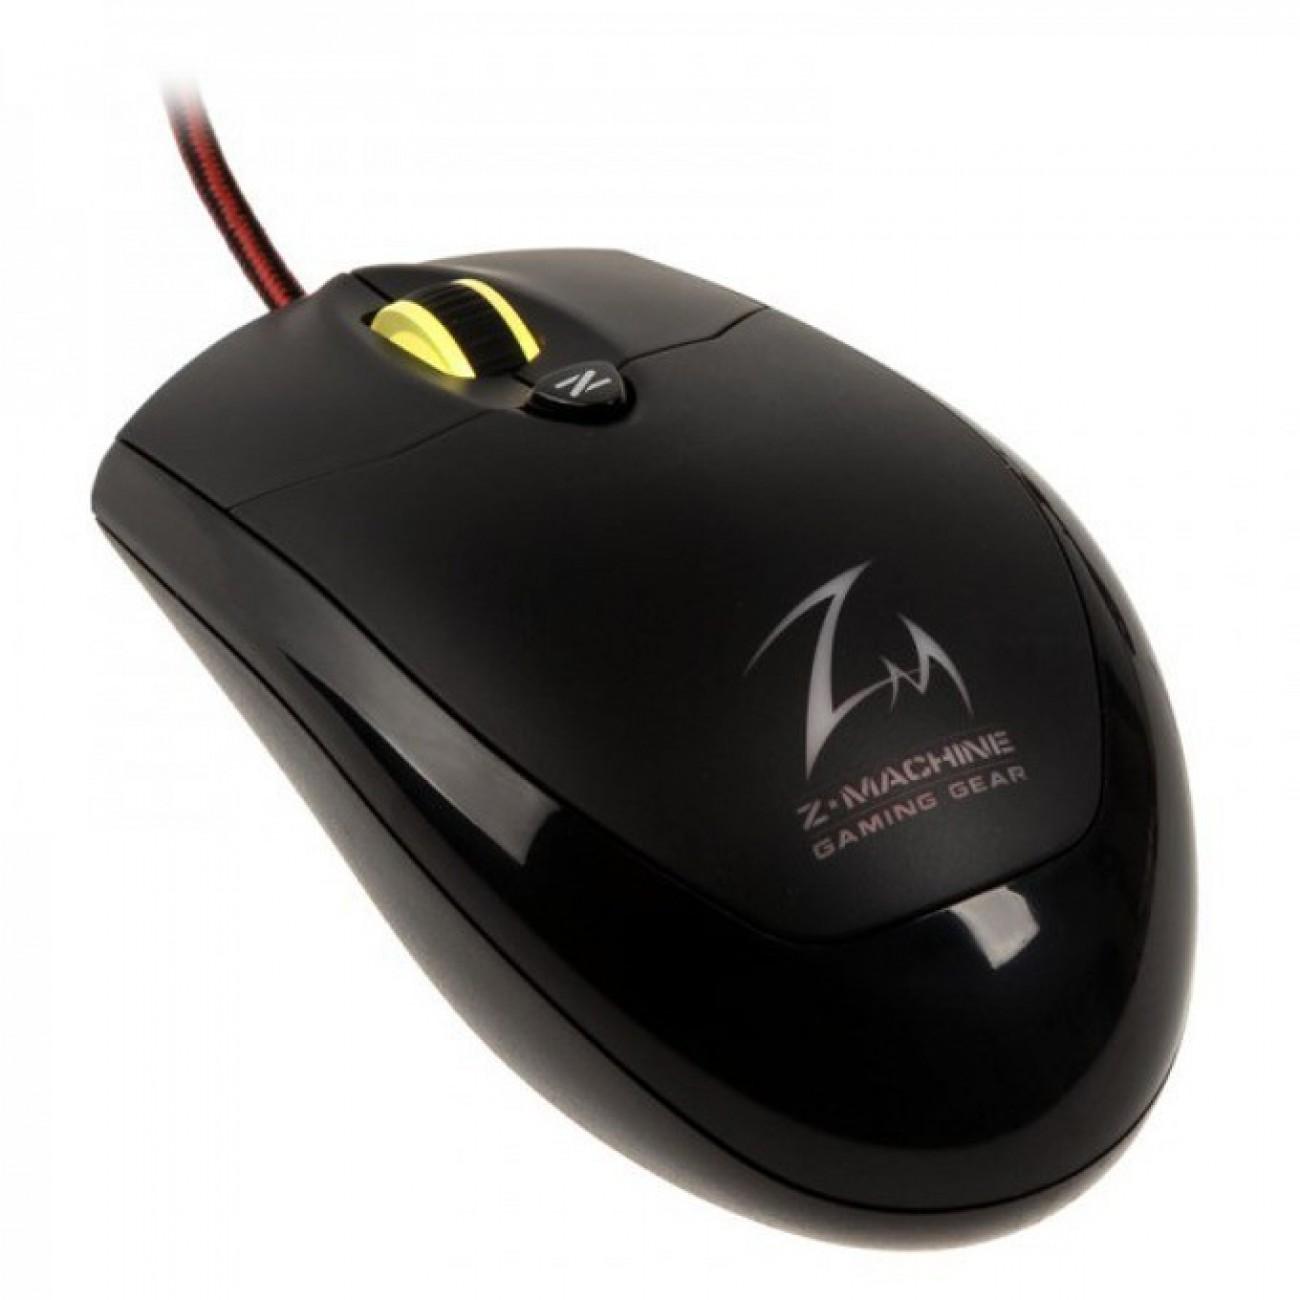 Мишка Zalman M600R, гейминг, оптична (4000 dpi), USB, подсветка, черна в Мишки -  | Alleop